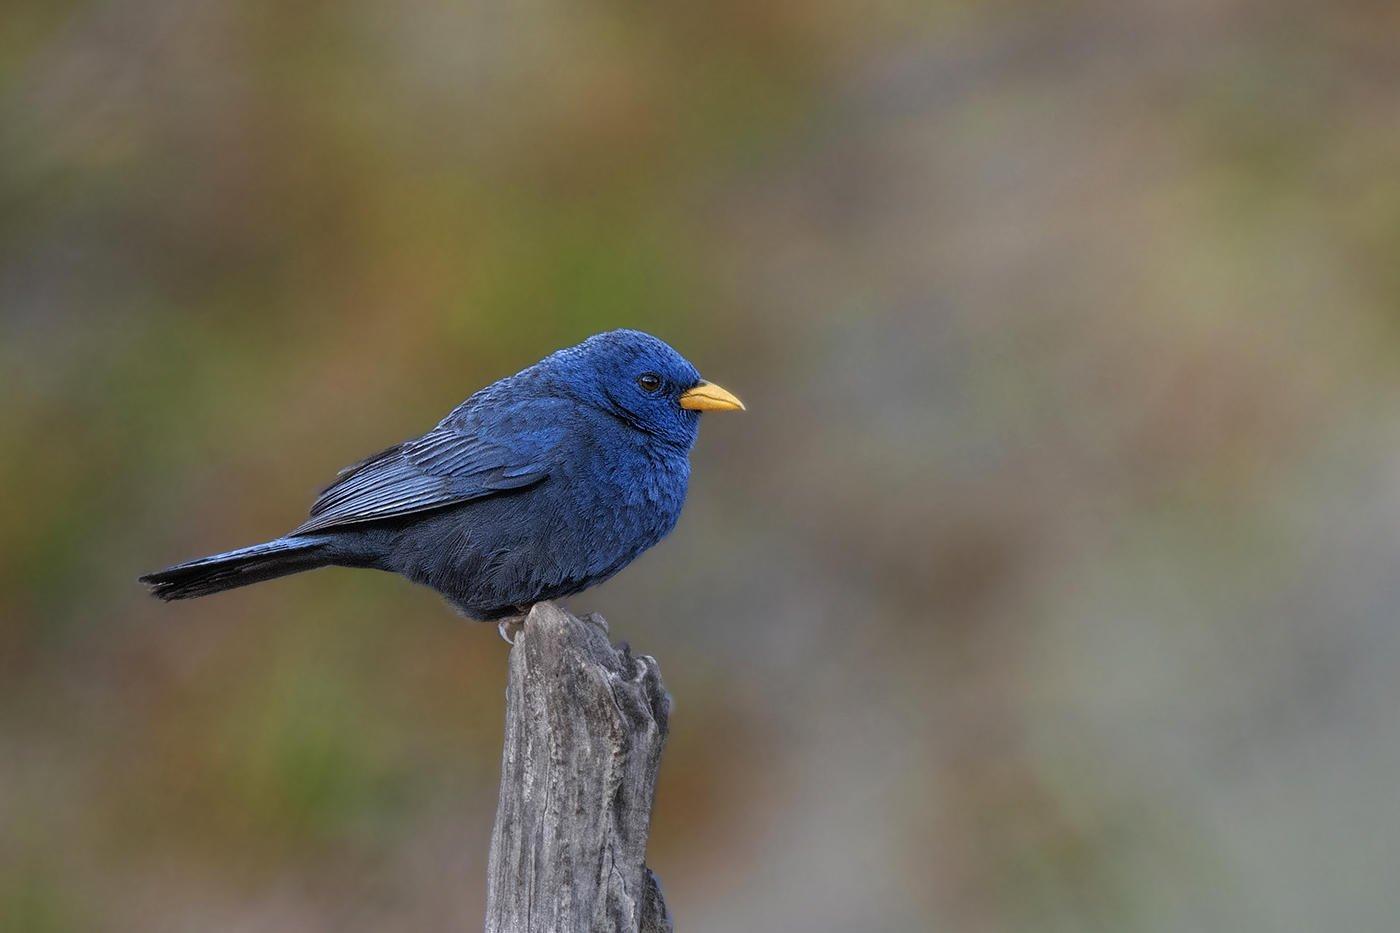 Yal azul (Blue Finch) (Salvador Solé Soriano)